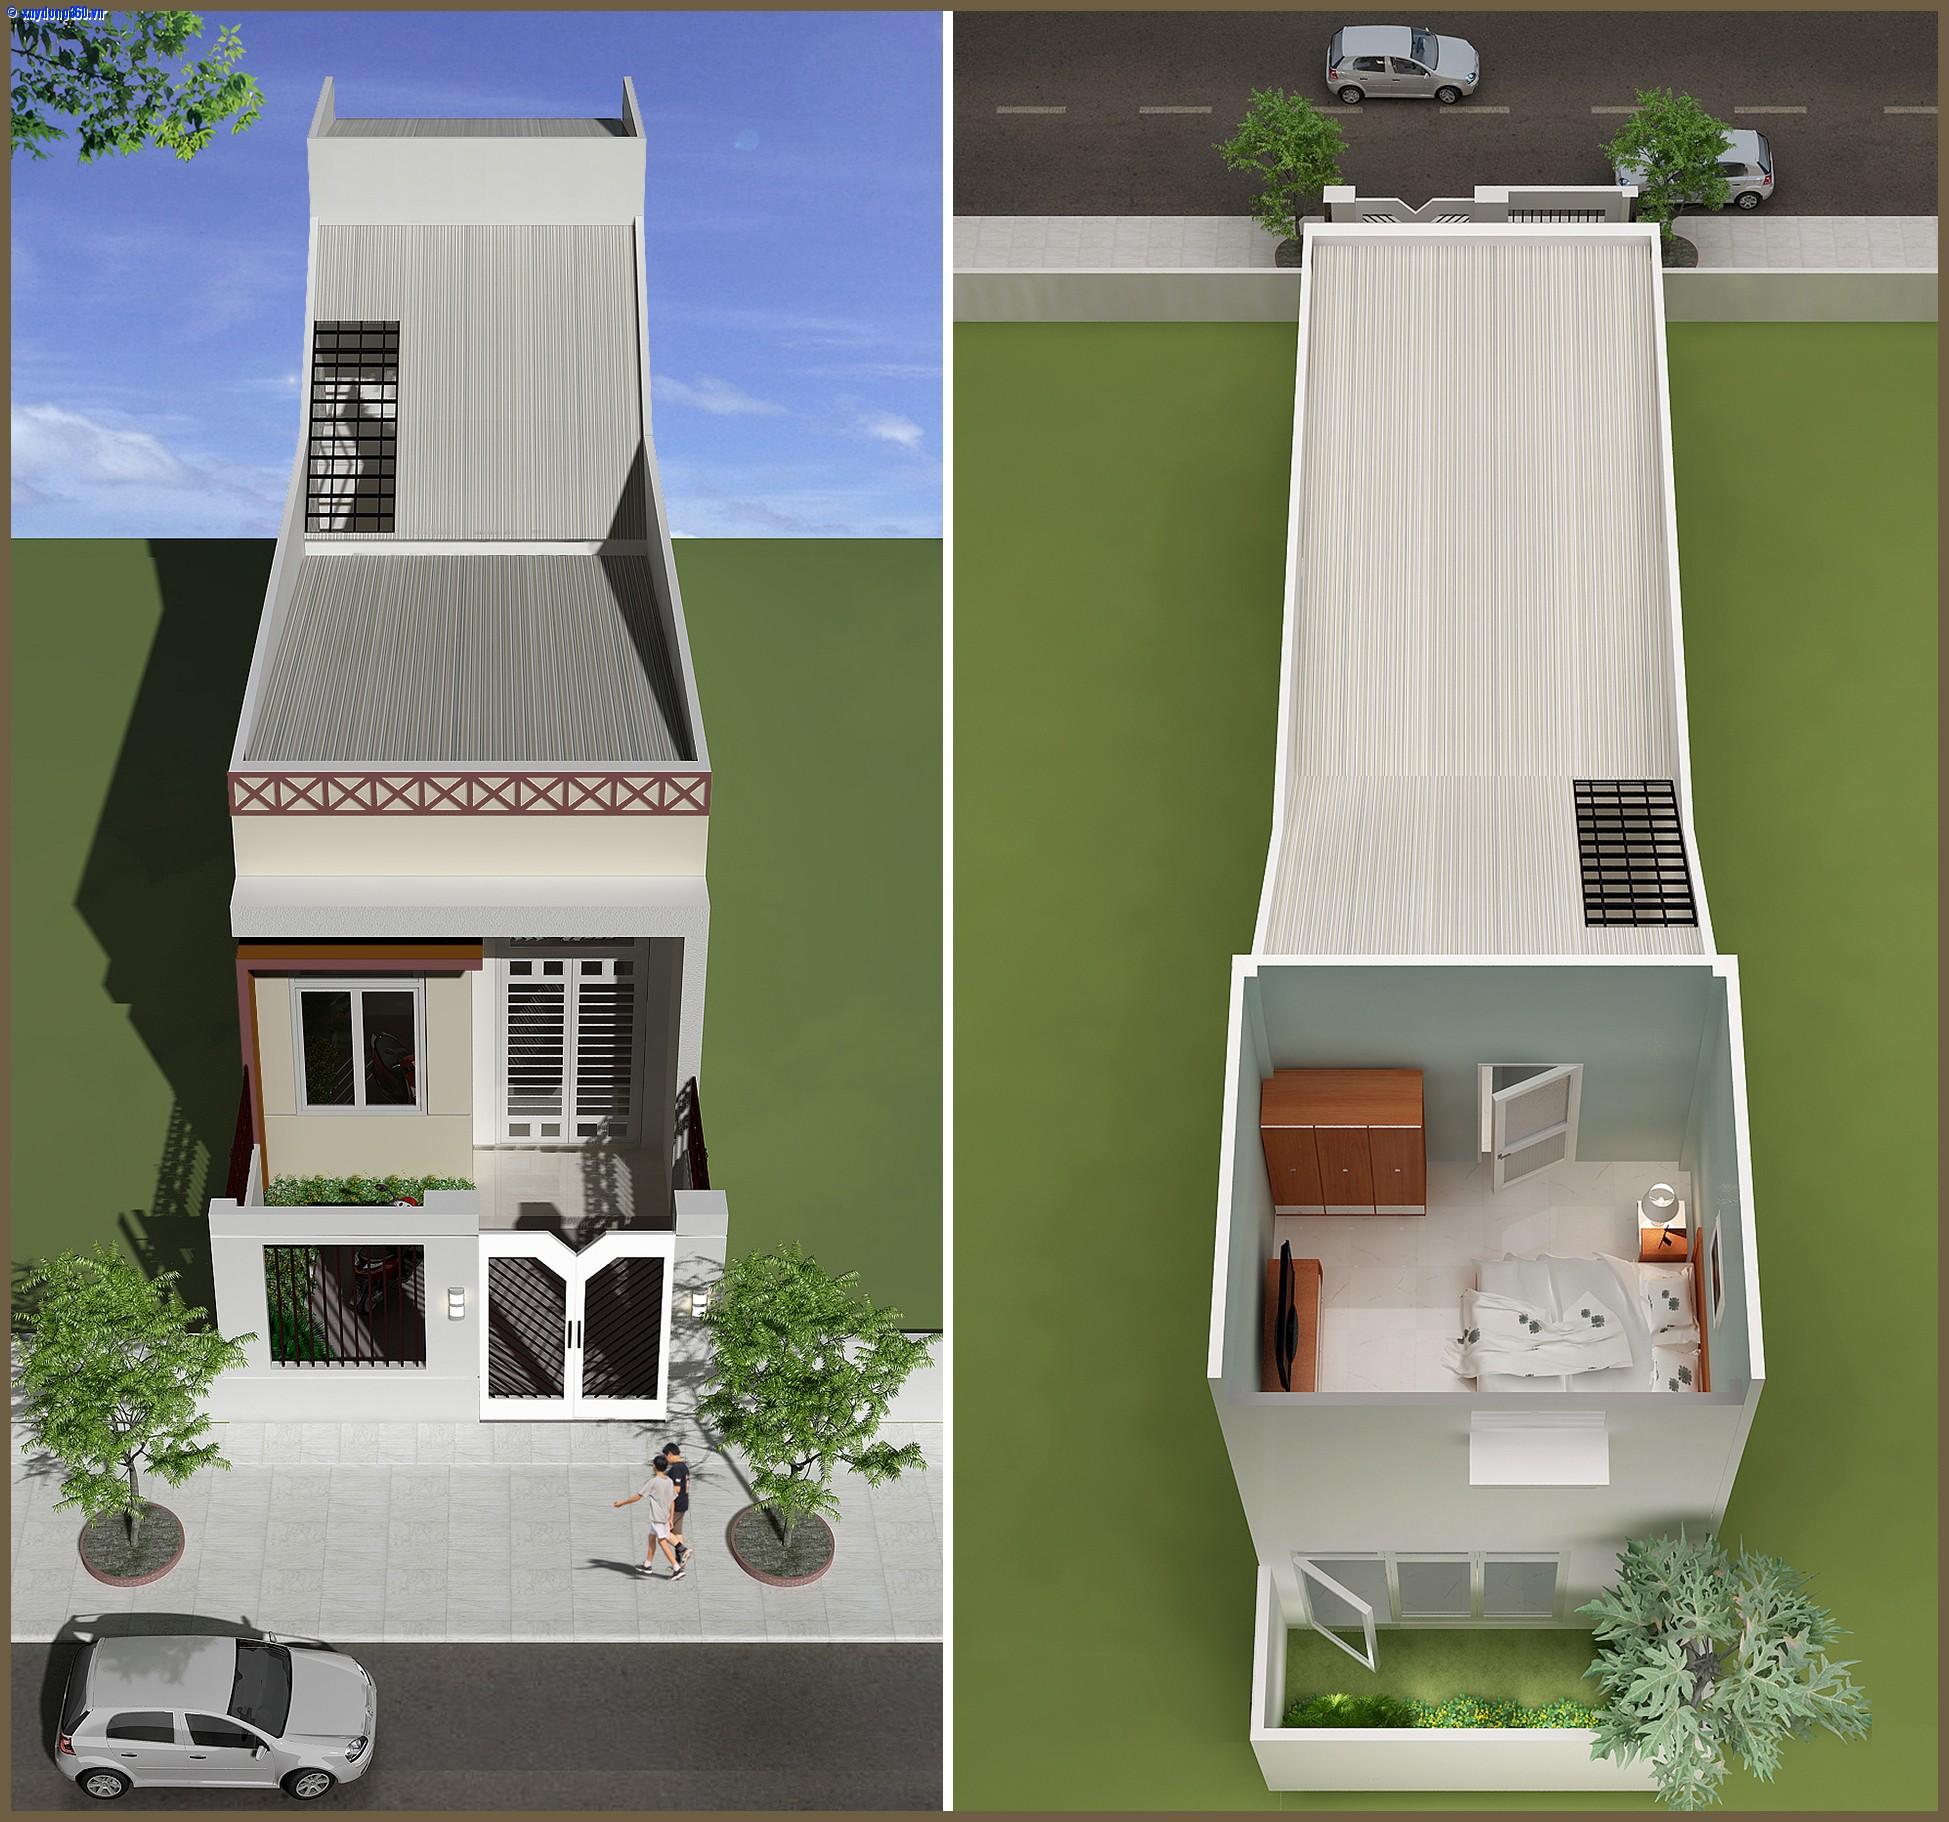 1 - Mẫu thiết kế nhà cấp 4 đẹp mái tôn, giá rẻ trên đất 4mx19m